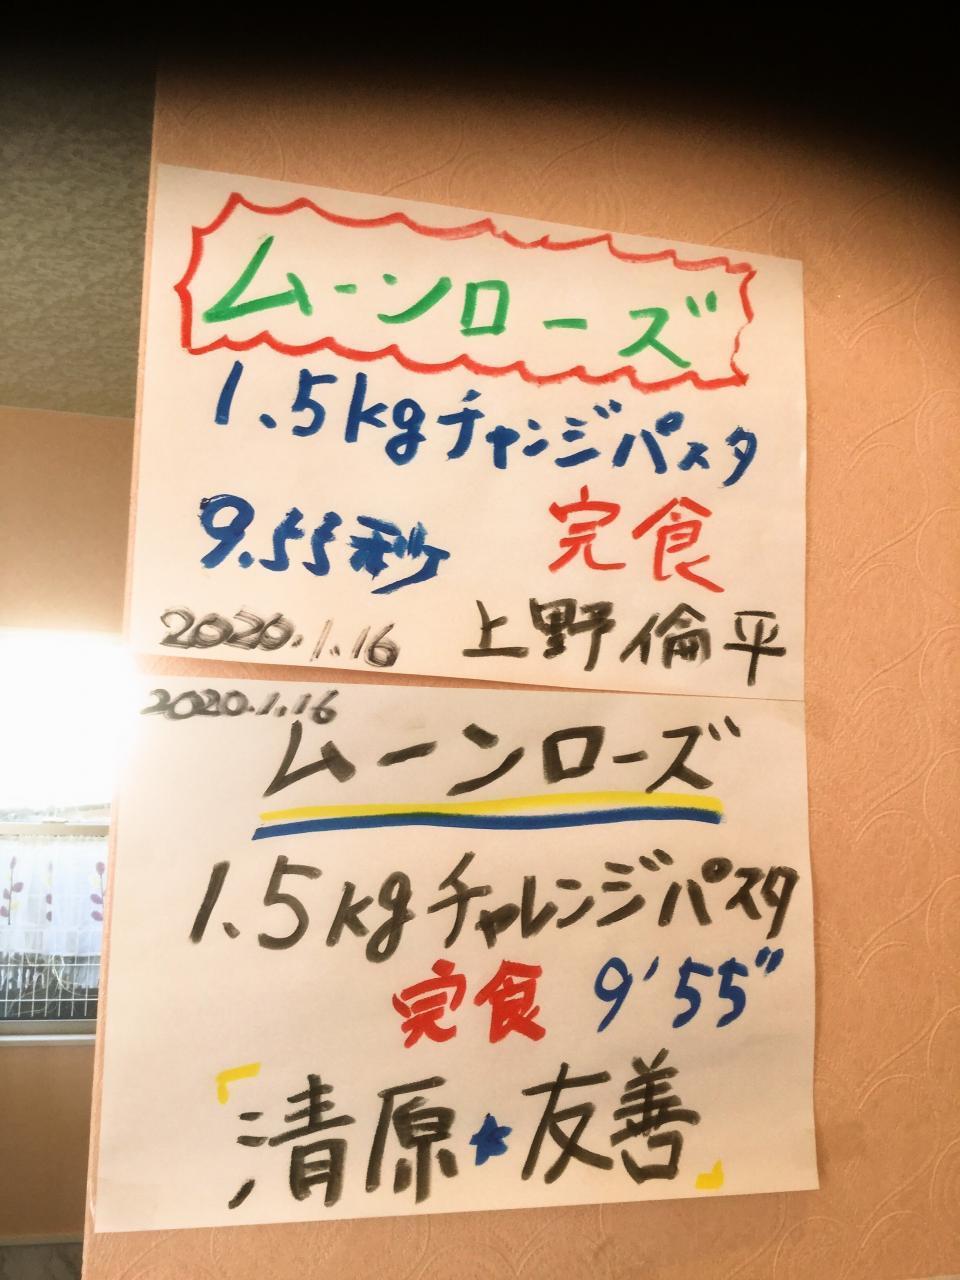 ムーンローズ(店内)